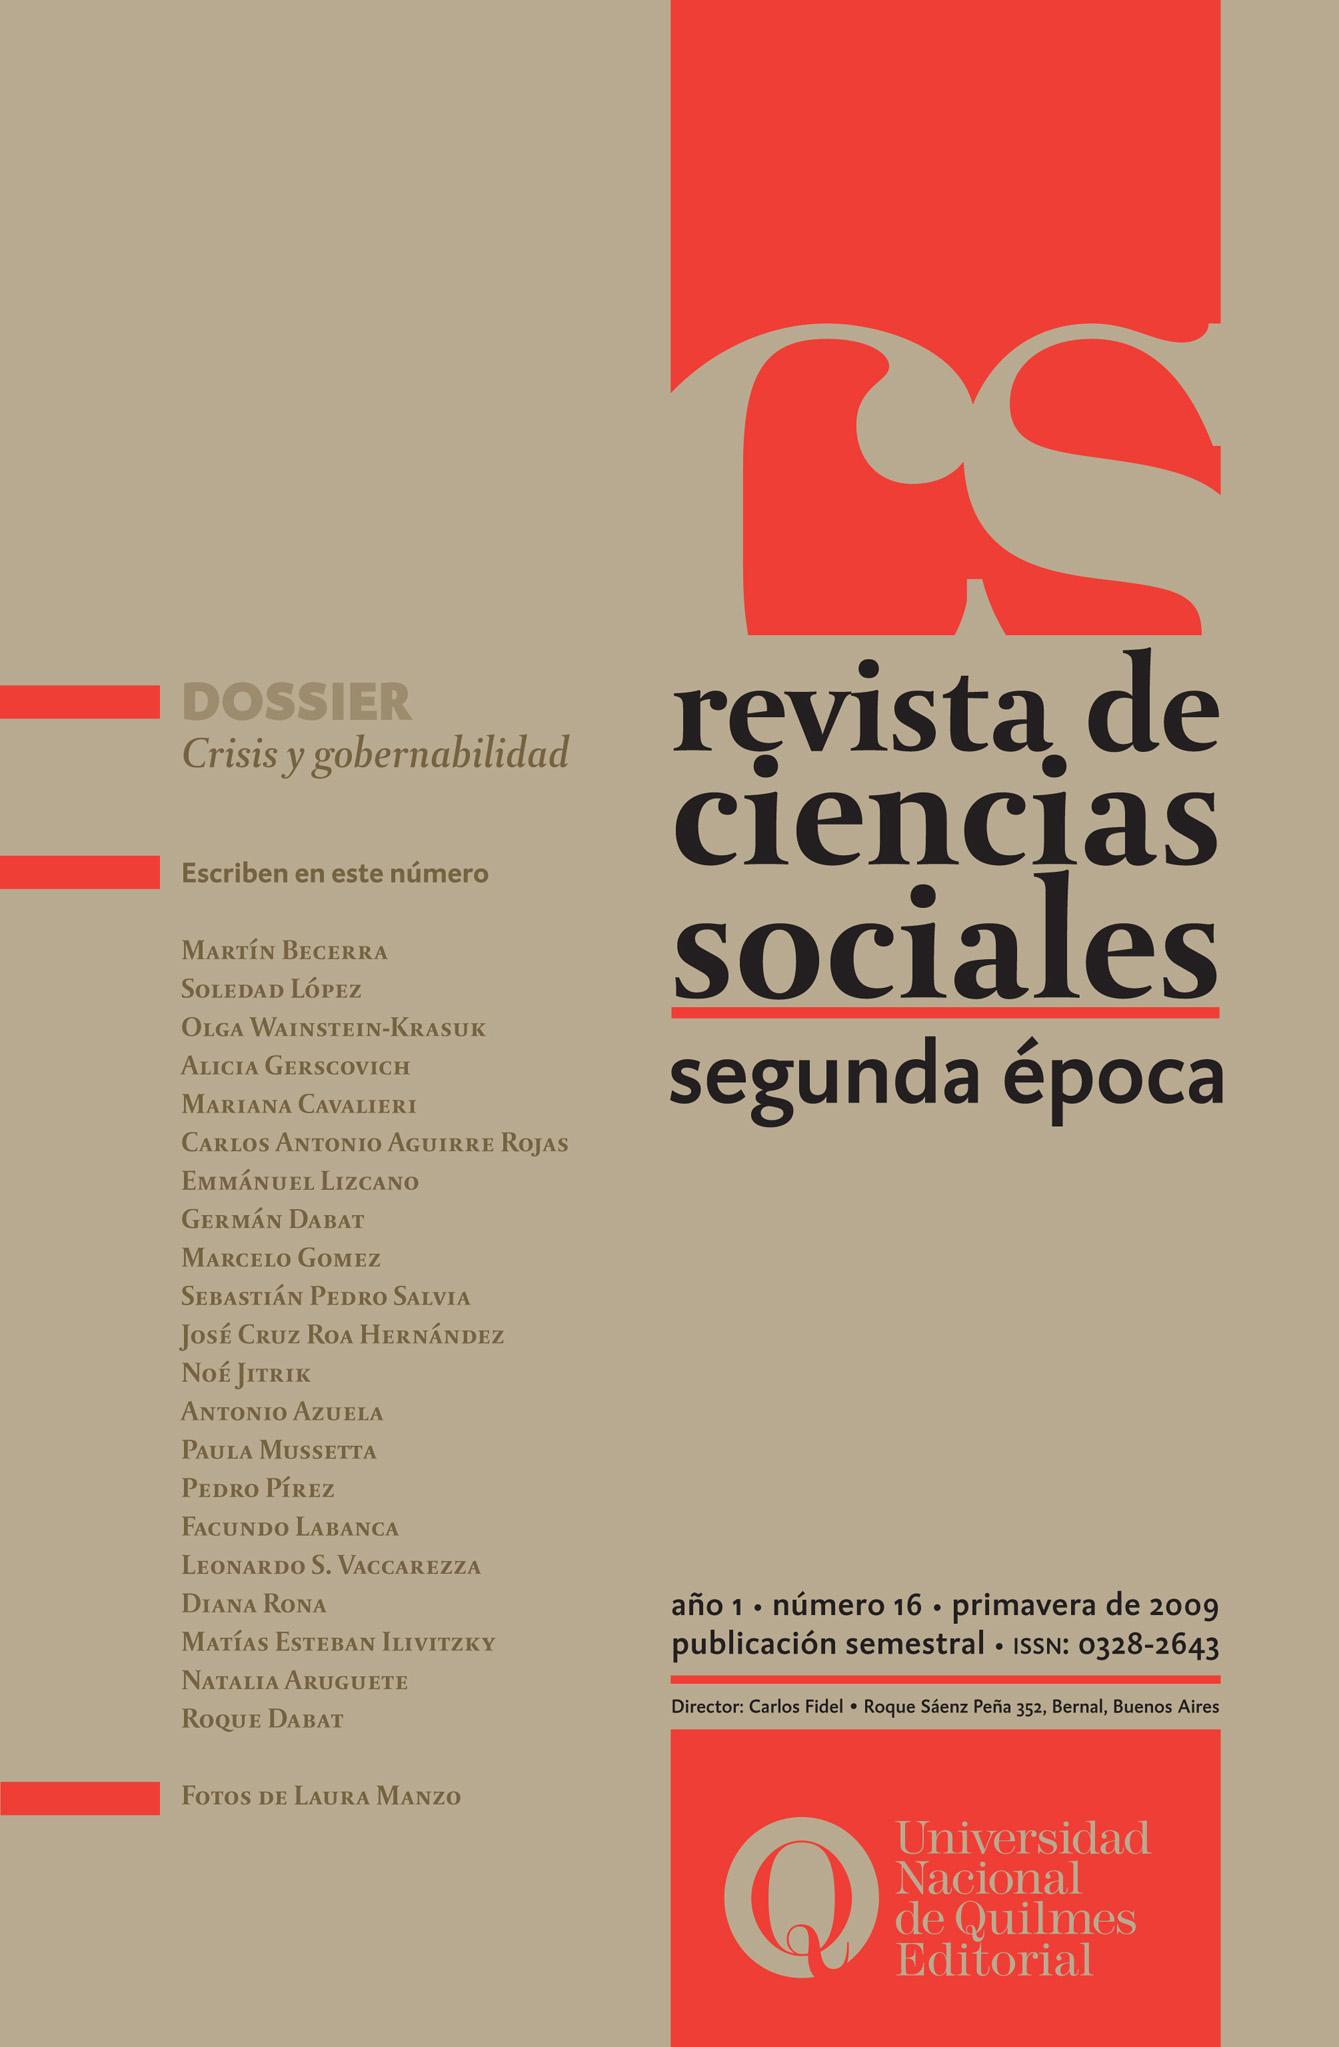 Revista de Ciencias Sociales. Segunda época